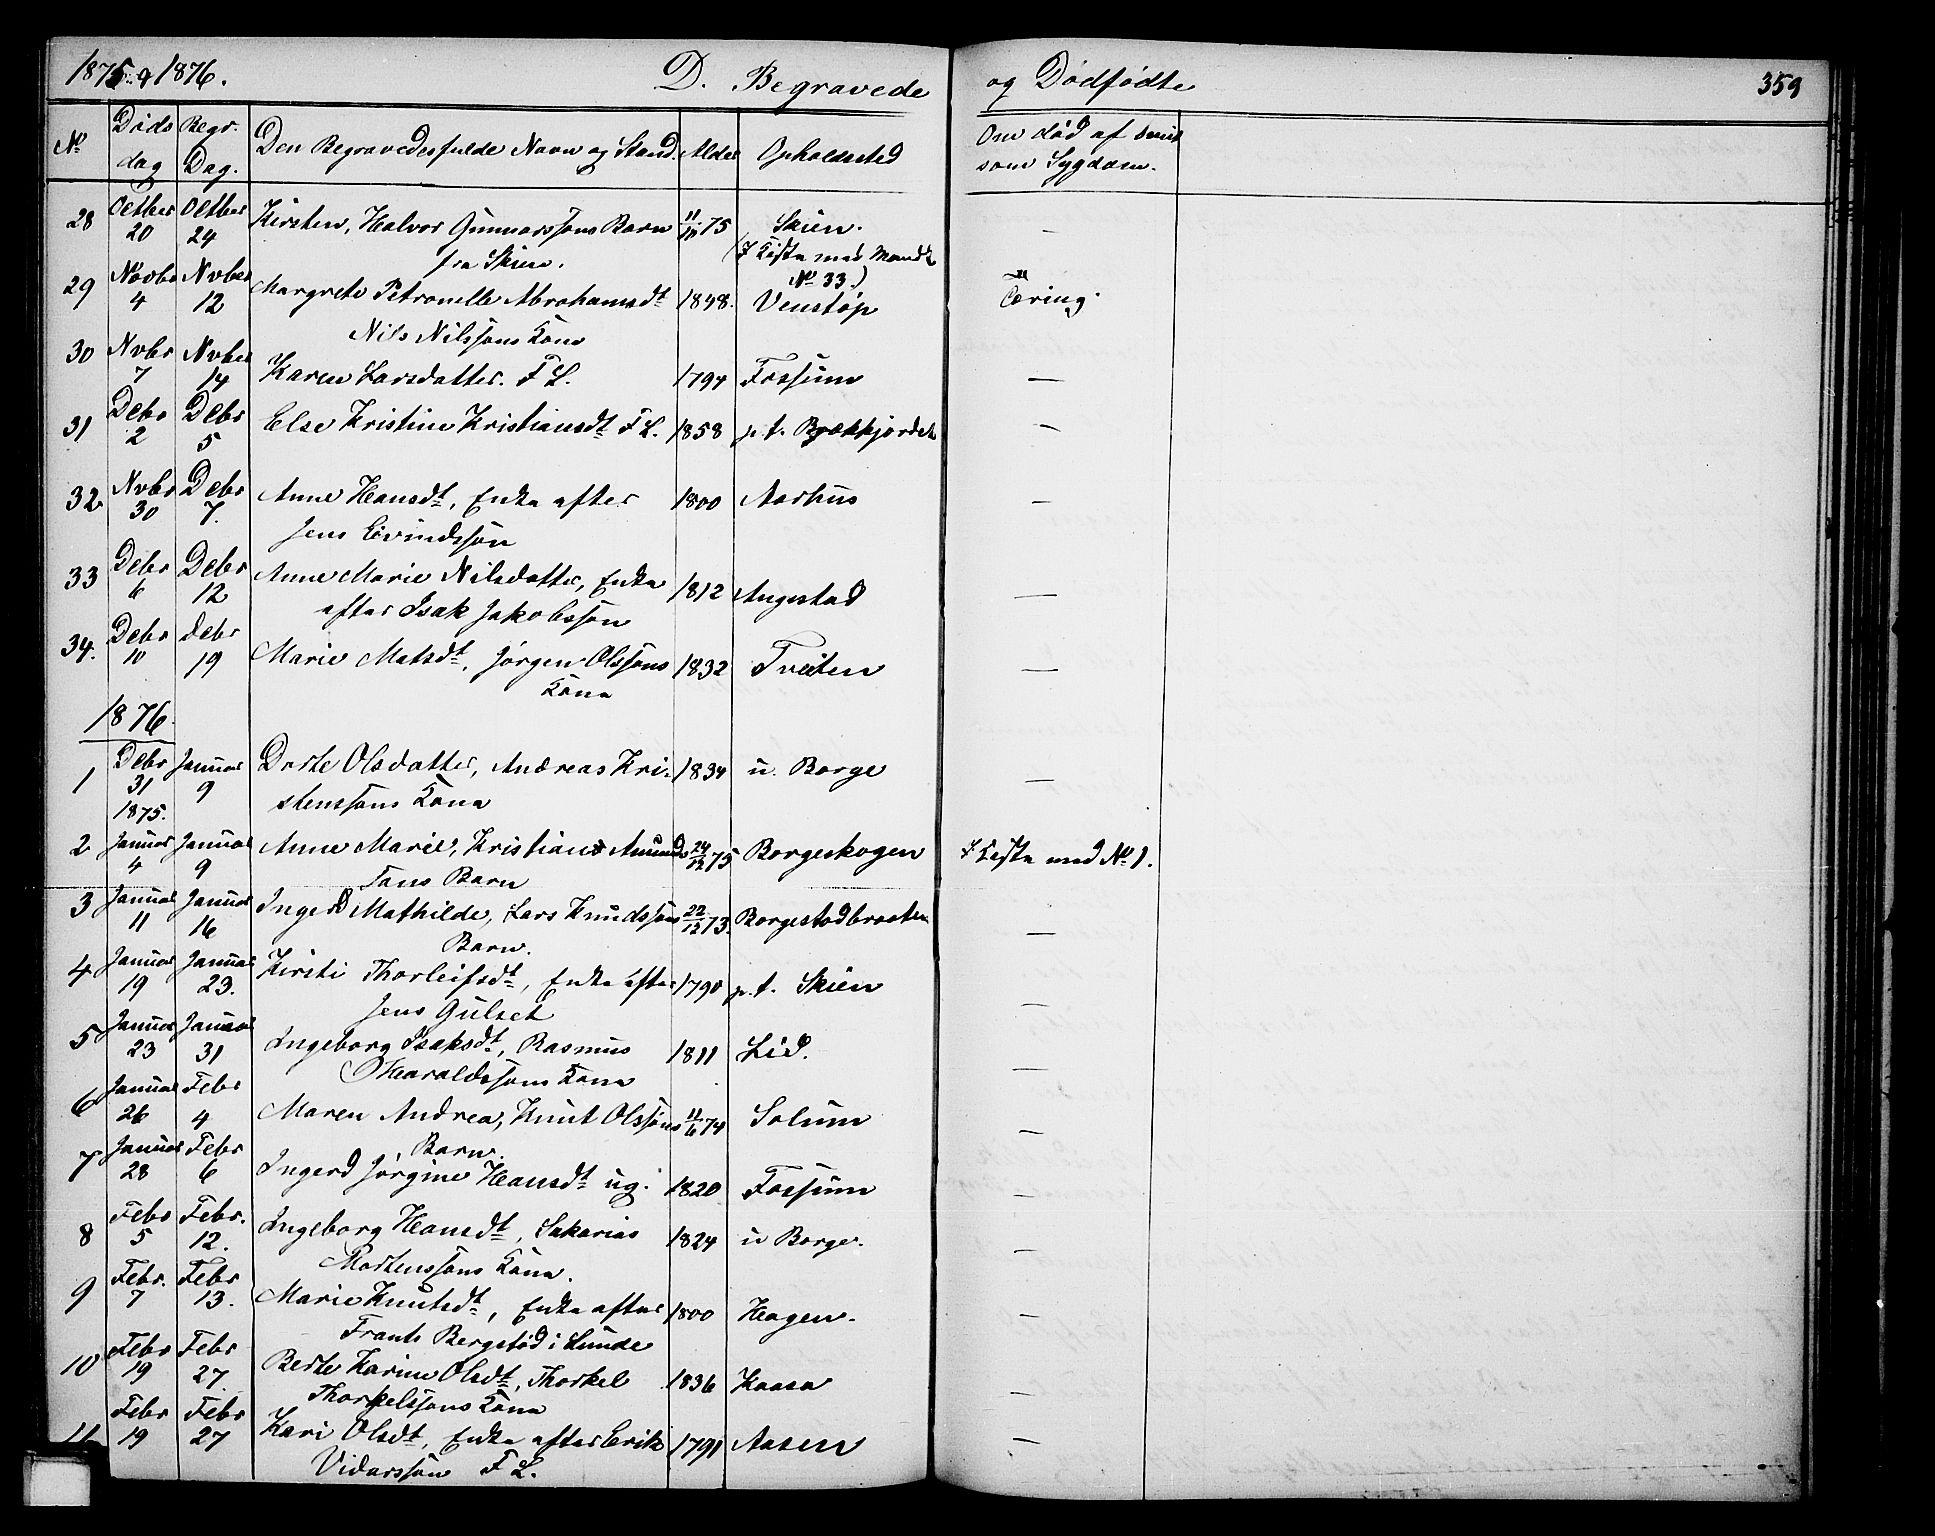 SAKO, Gjerpen kirkebøker, G/Ga/L0001: Klokkerbok nr. I 1, 1864-1882, s. 359